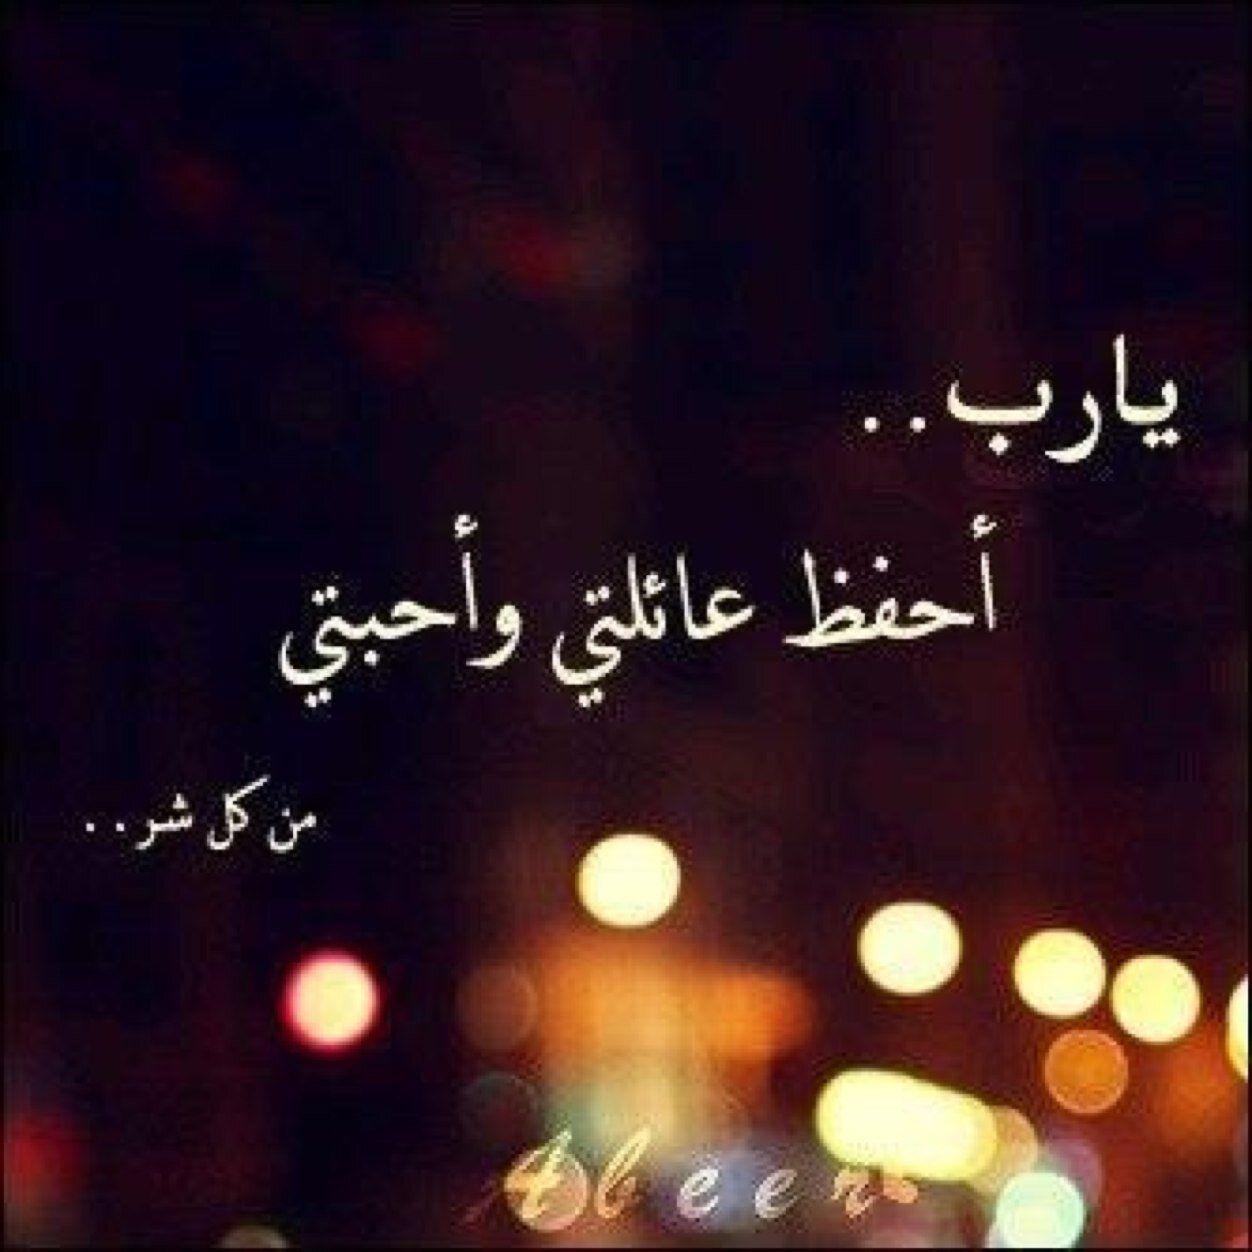 صور ادعية مصورة اسلامية جميلة رمزيات دعاء ميكساتك Arabic Poetry Sufism Arabic Words